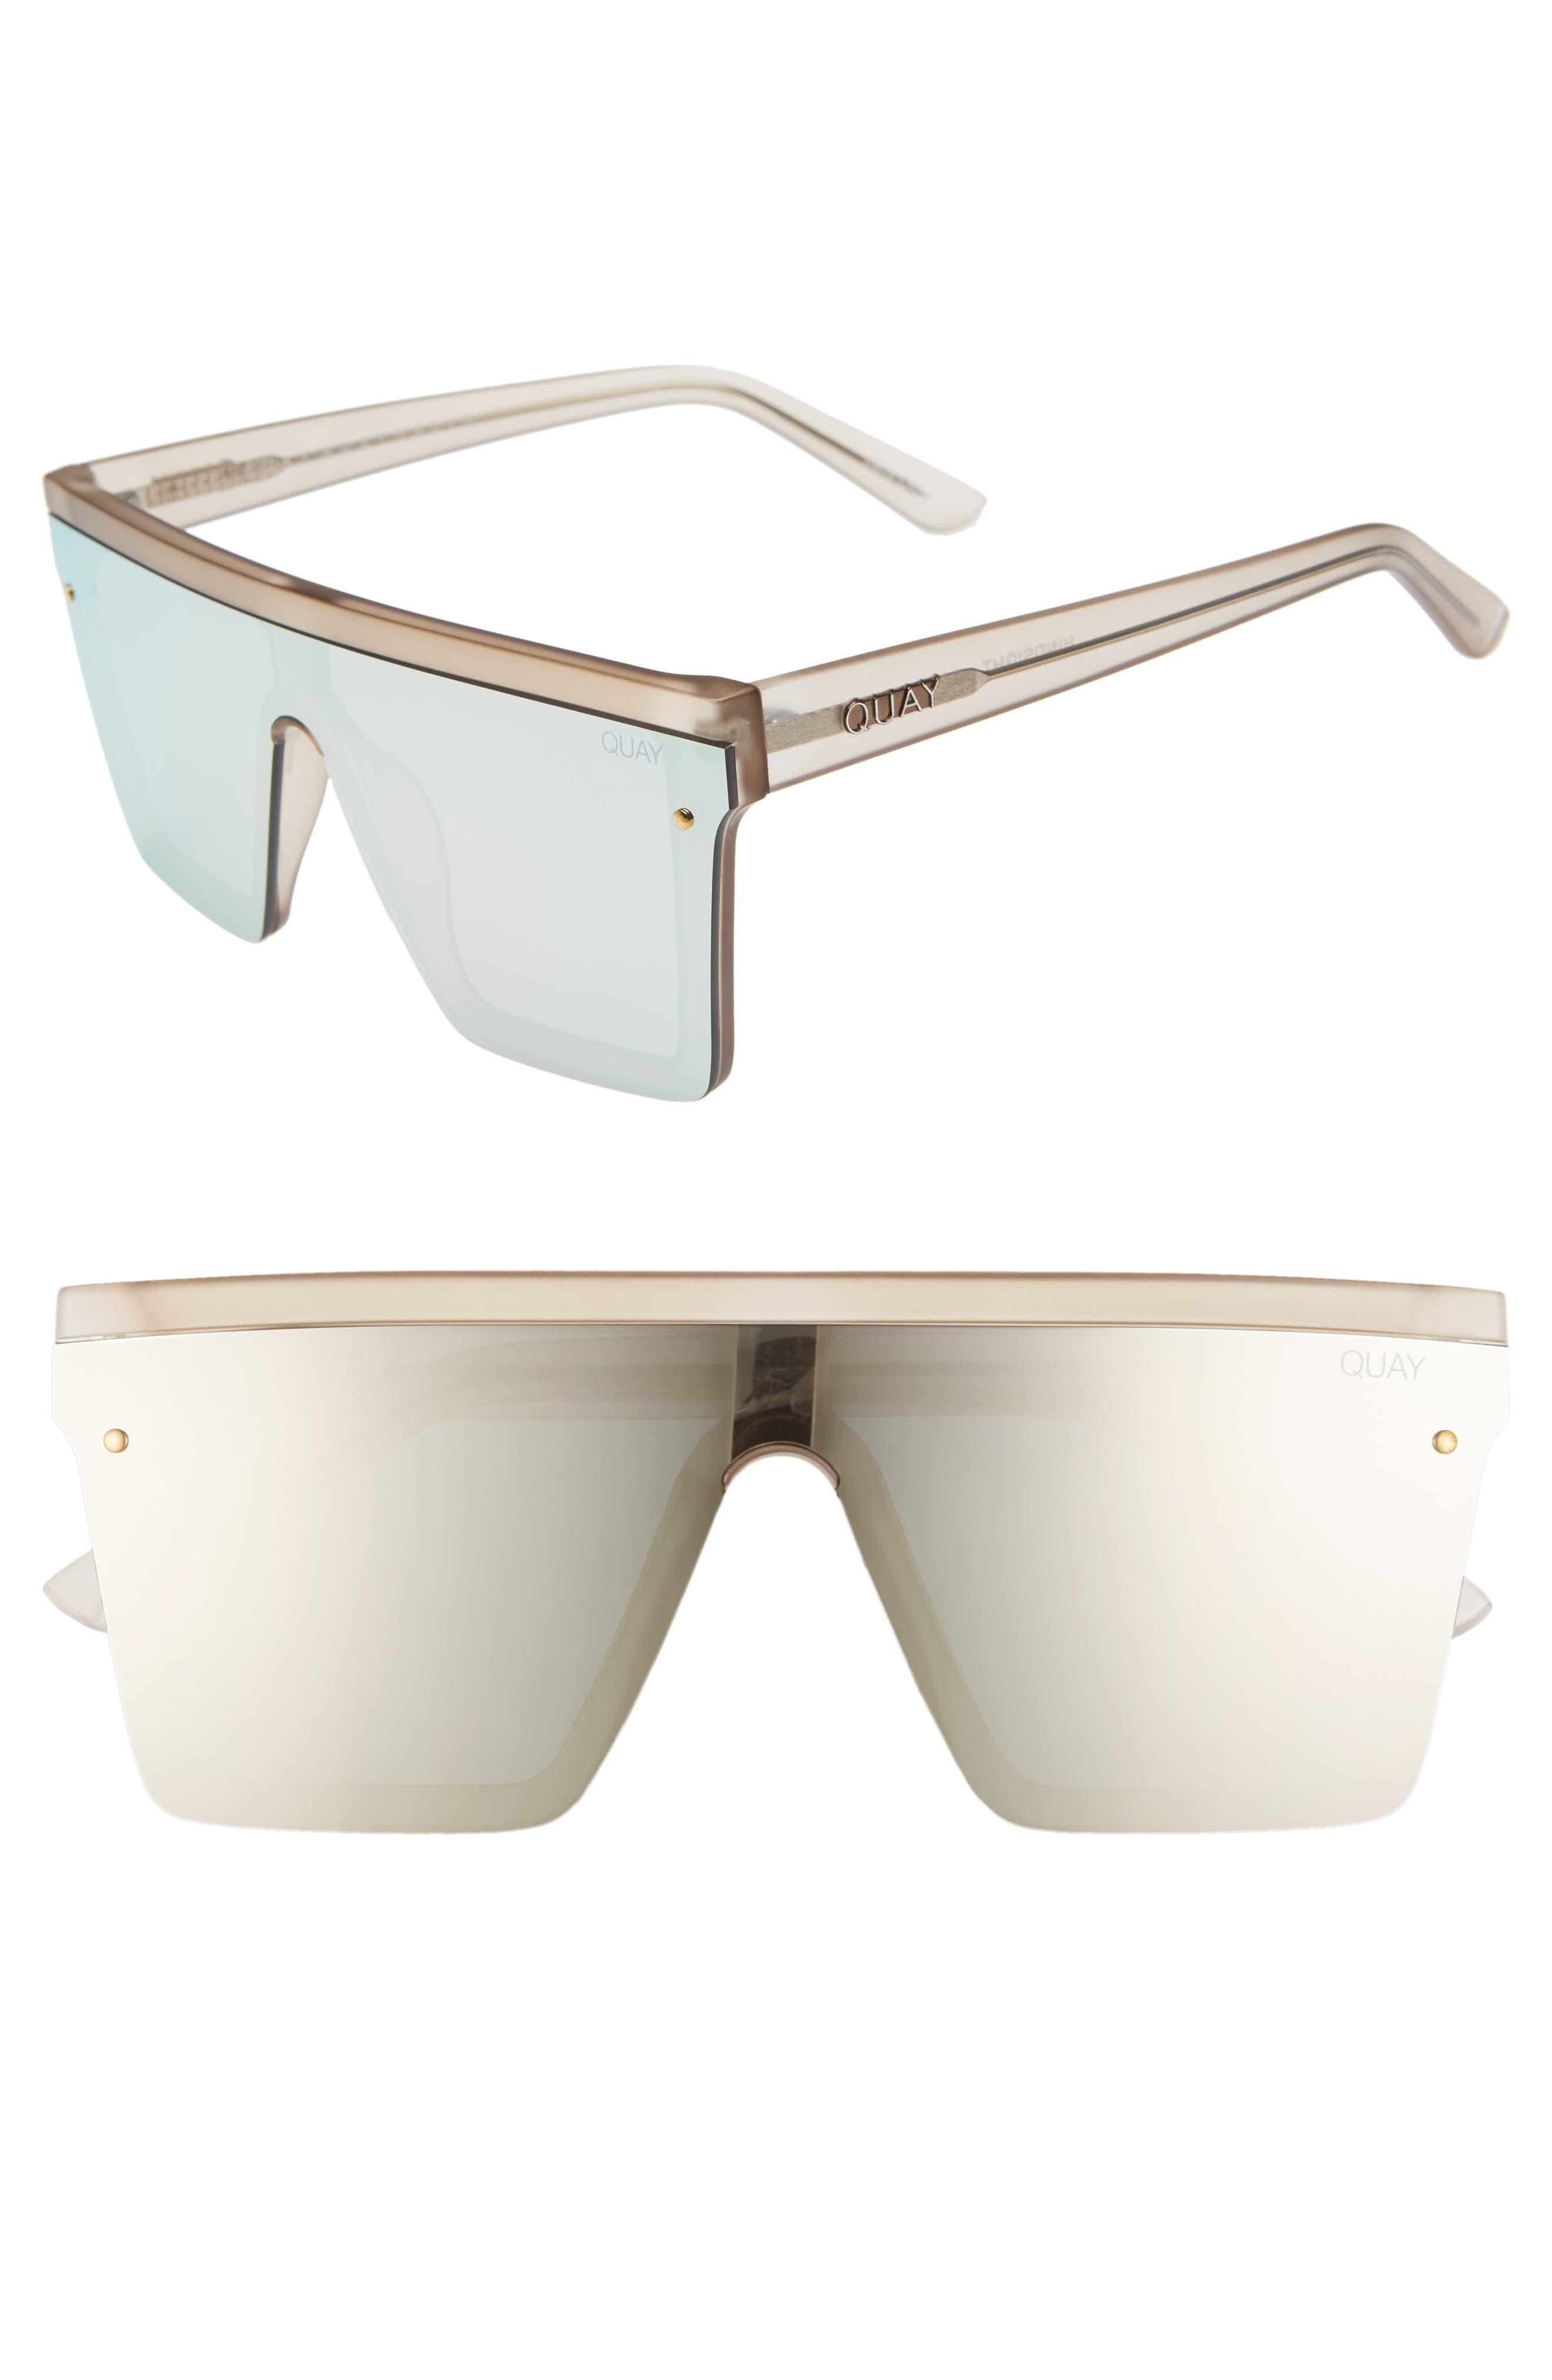 Hindsight 150mm Shield Sunglasses,                             Main thumbnail 1, color,                             GOLD/ GOLD